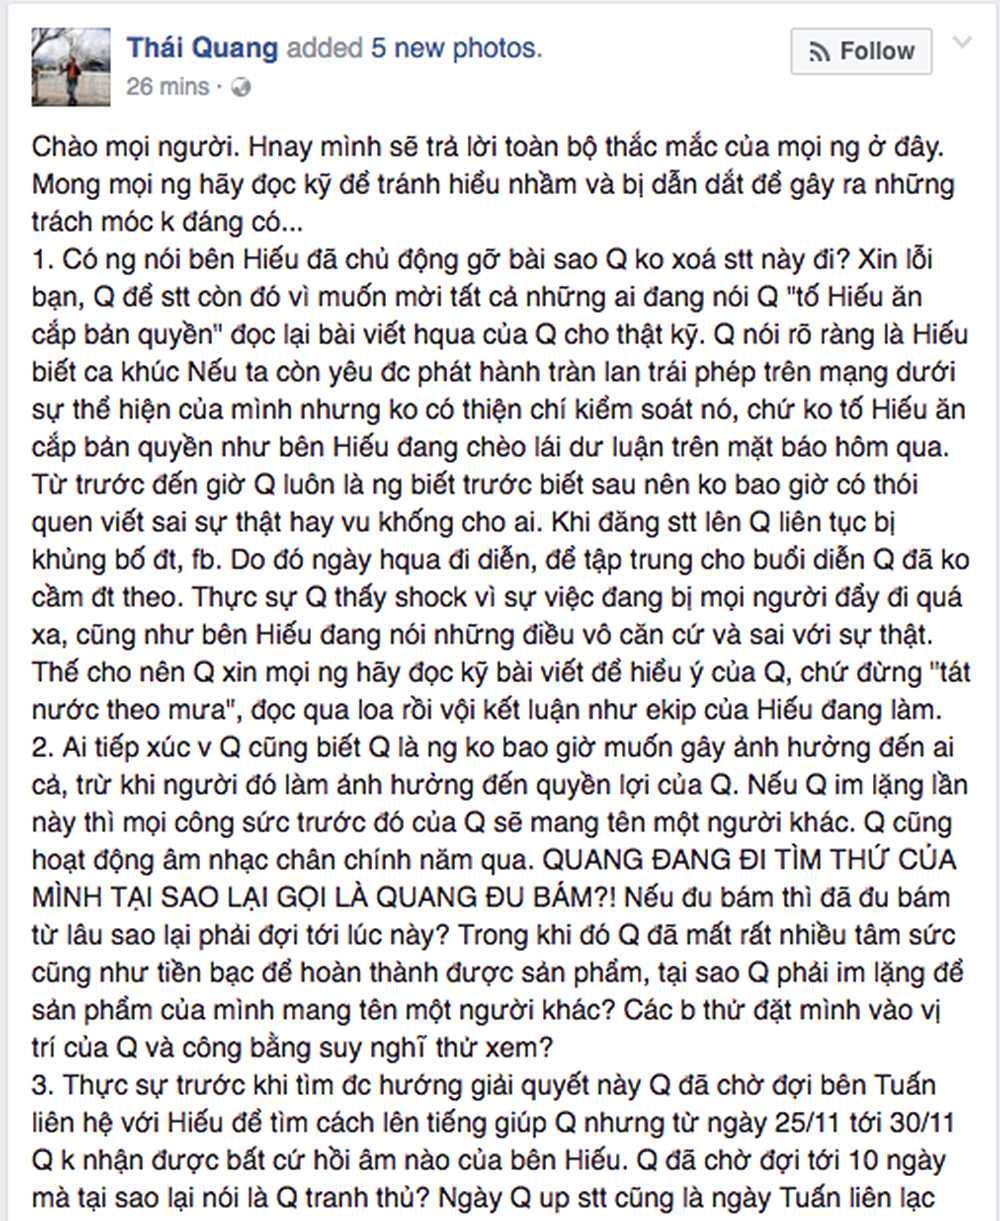 Hoc tro My Linh tung bang chung khang dinh Le Thien Hieu hat 'Ong ba anh' doi tra hinh anh 4